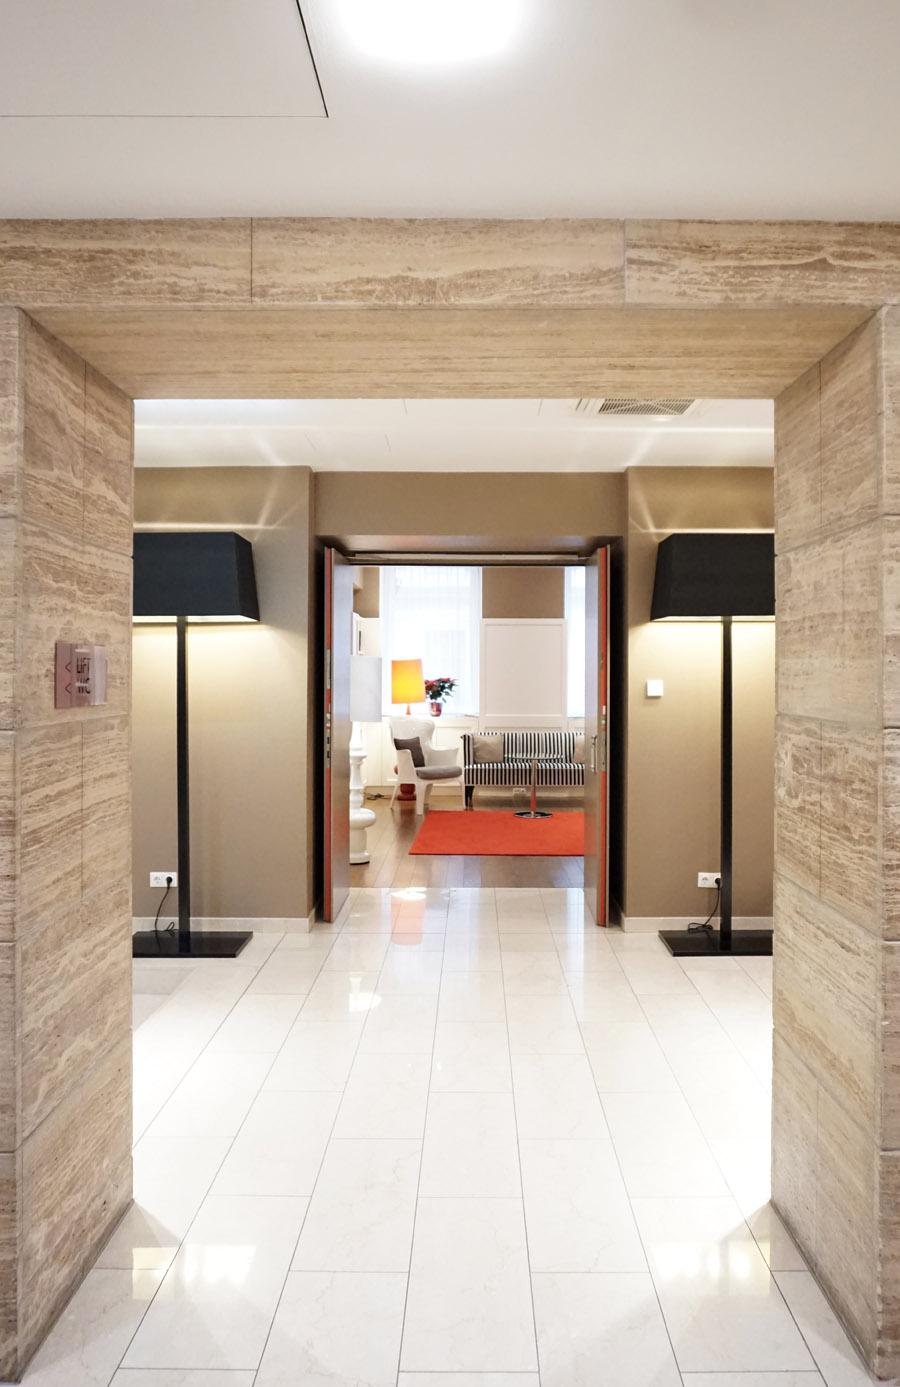 Erfahrung Bewertung Harmonie Hotel Wien 23